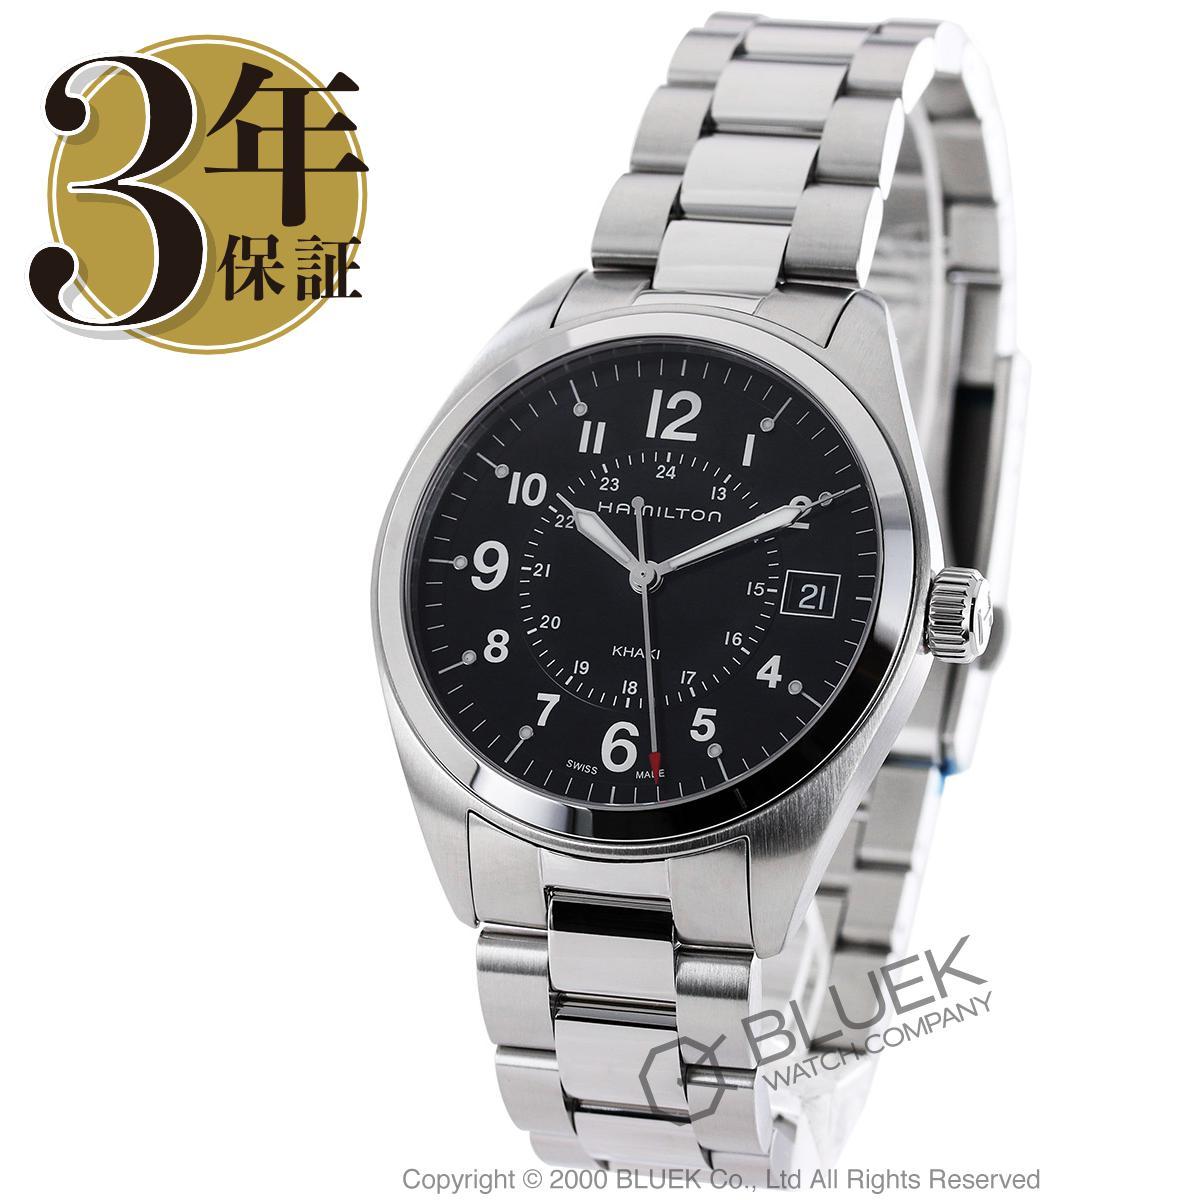 ハミルトン カーキ フィールド 腕時計 メンズ HAMILTON H68551933_8 バーゲン 成人祝い ギフト プレゼント